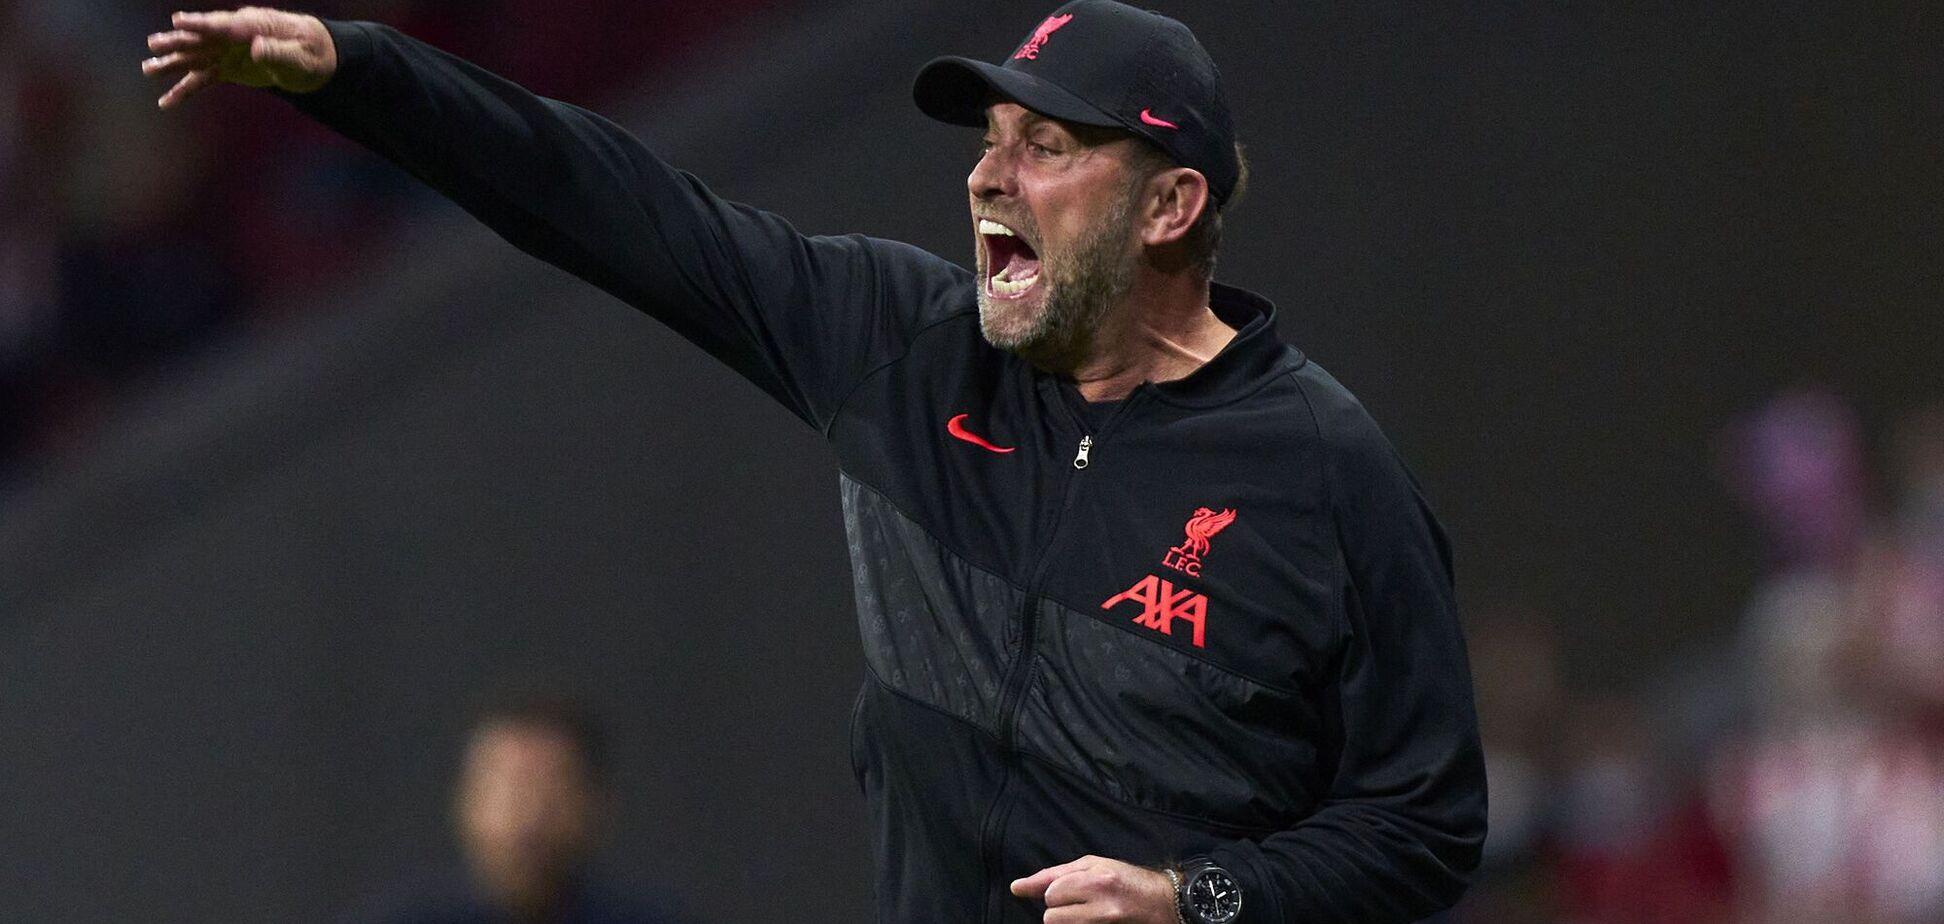 'Я не идиот': тренер 'Ливерпуля' поссорился с журналистом после победы над 'Атлетико'